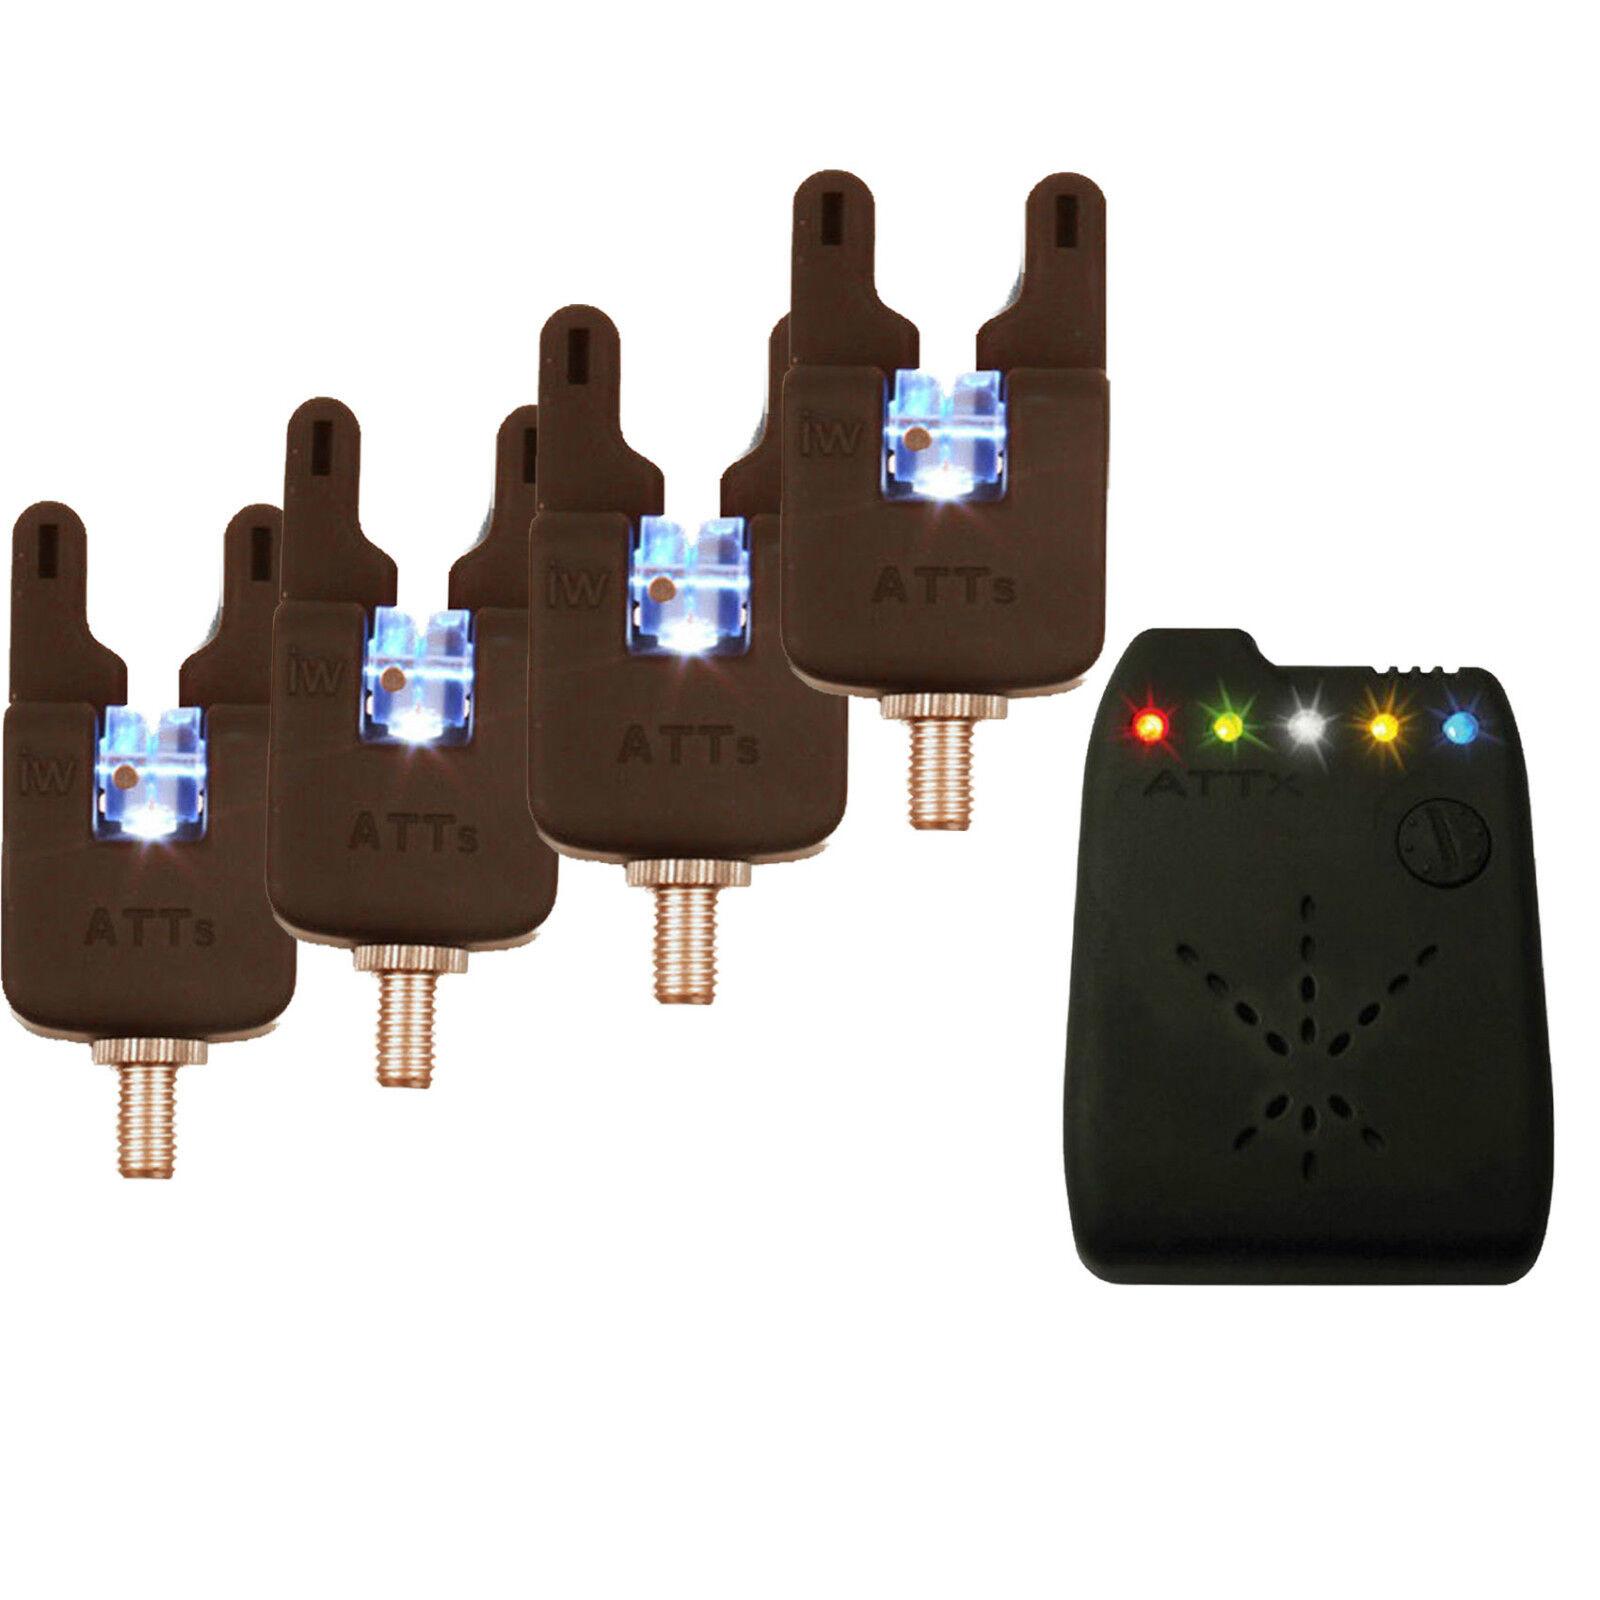 Gardner ATTs Underlit Wheel Bite Alarms x 4 + V2 ATTx Receiver Brand New